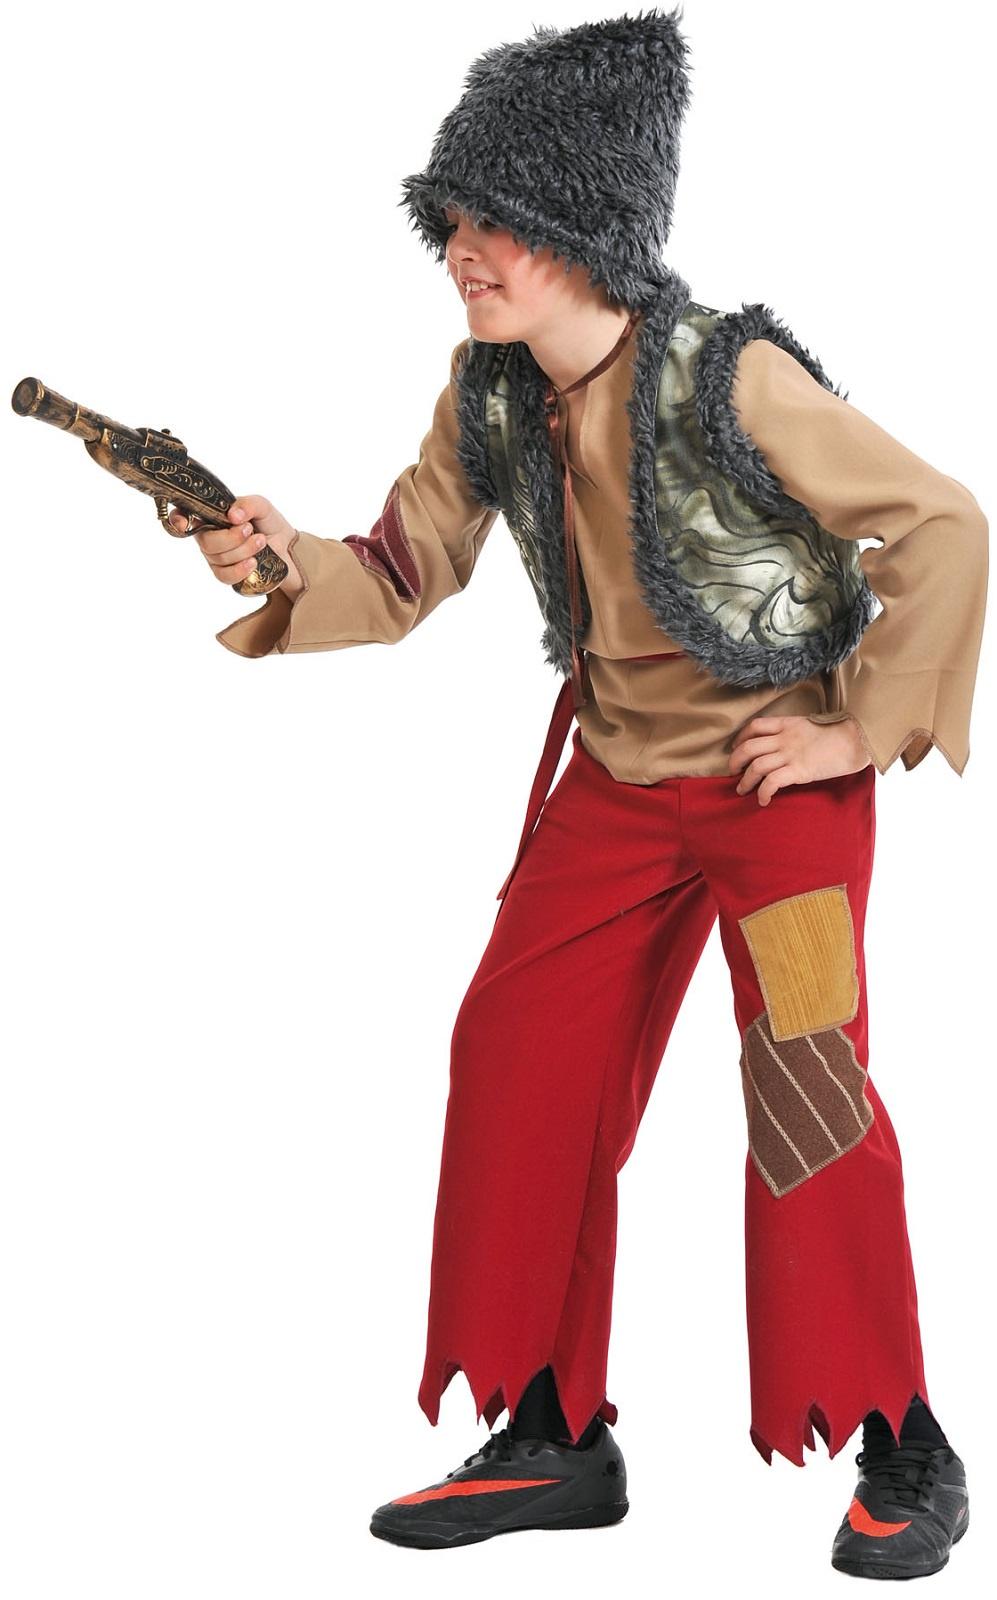 Карнавалофф Карнавальный костюм Разбойник с мушкетом